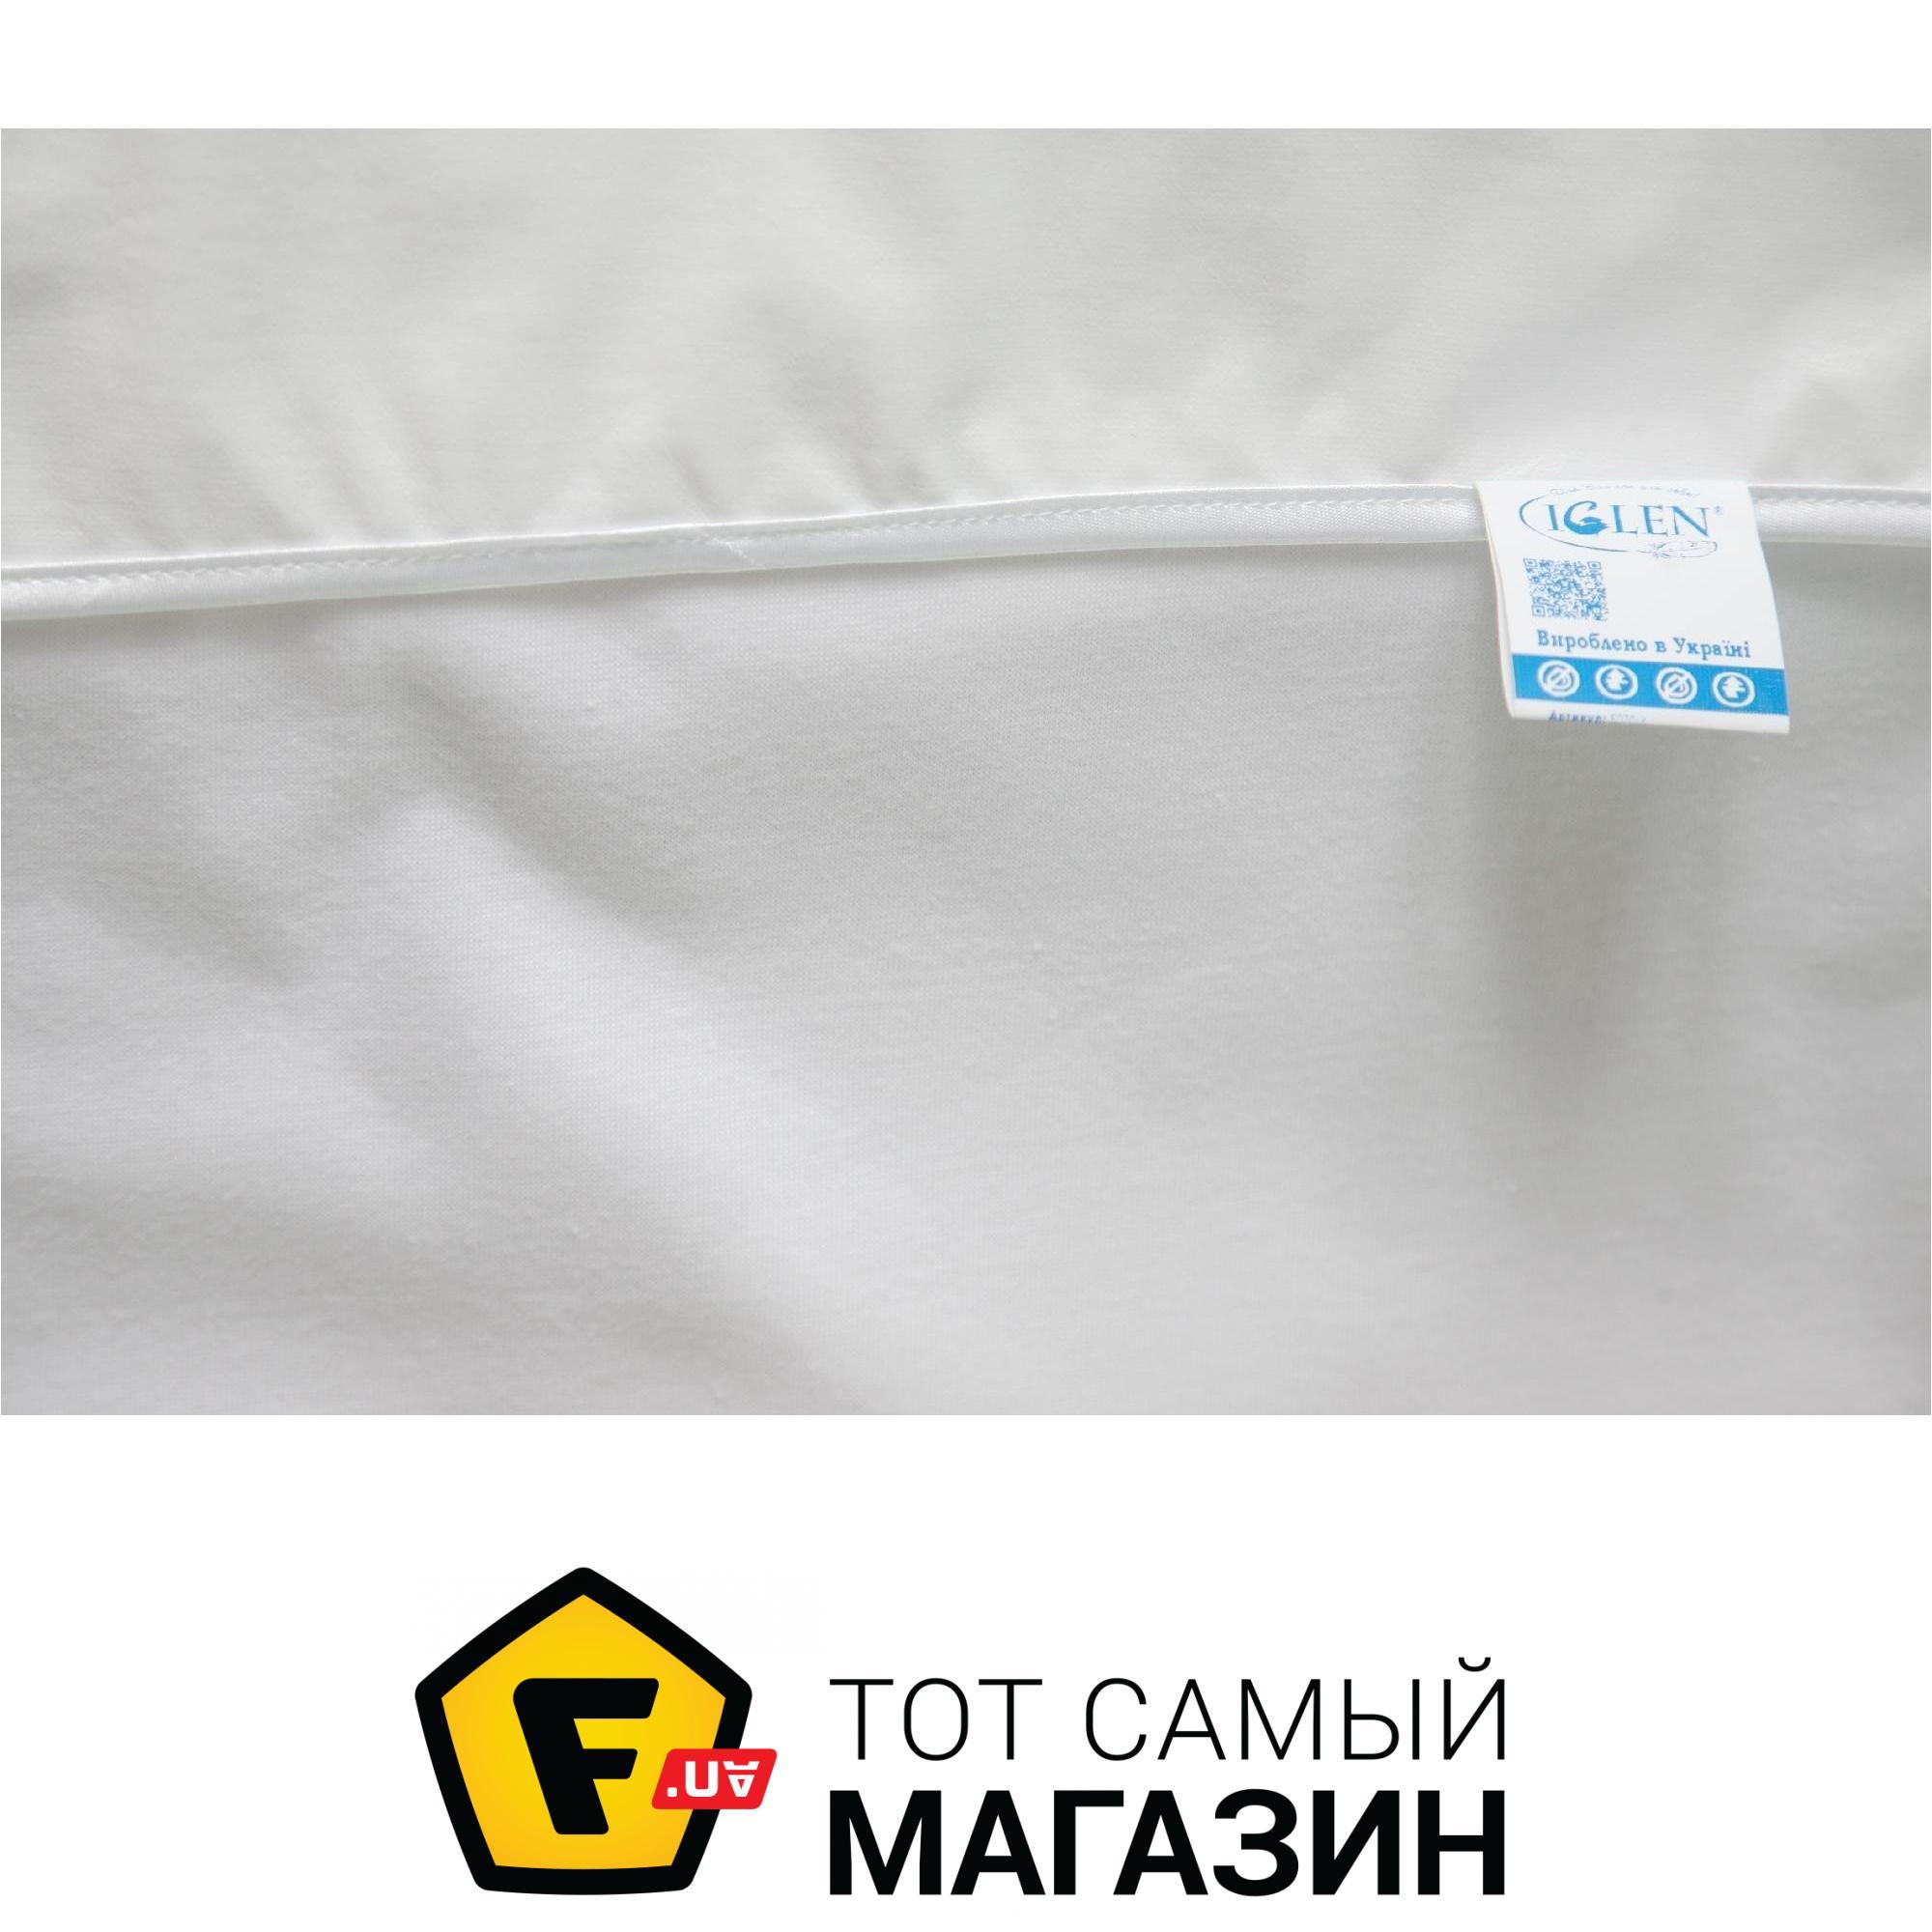 65401cfe7d99 Наматрасник-простынь IGLEN непромокаемый 200х200 см Белый (200200LB)  Наполнитель: пенополиуретан, 2